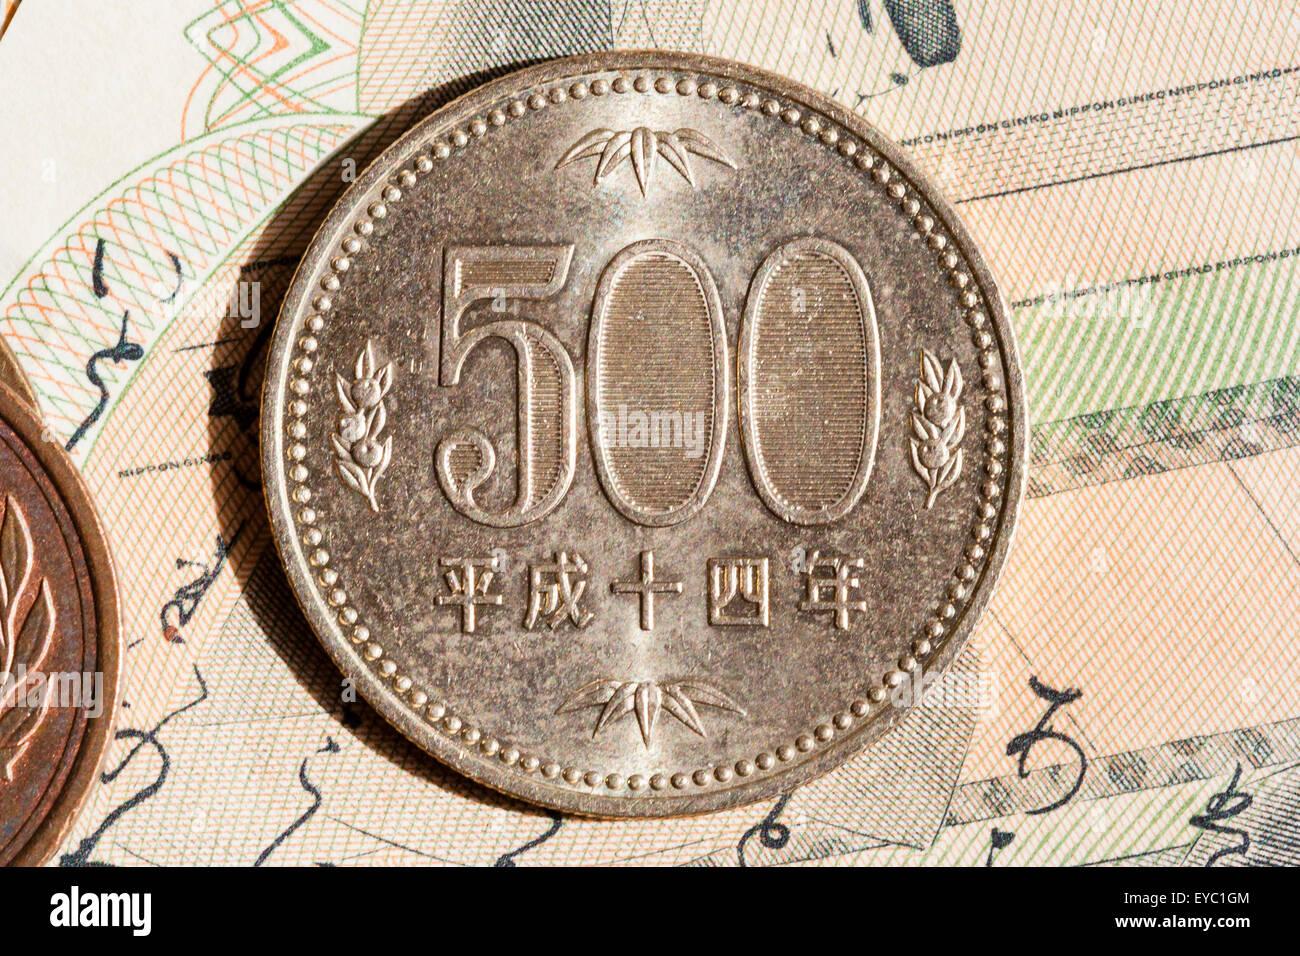 3b21ebf578 500 yen giapponese moneta sulla parte superiore della banconota giapponese  Immagini Stock